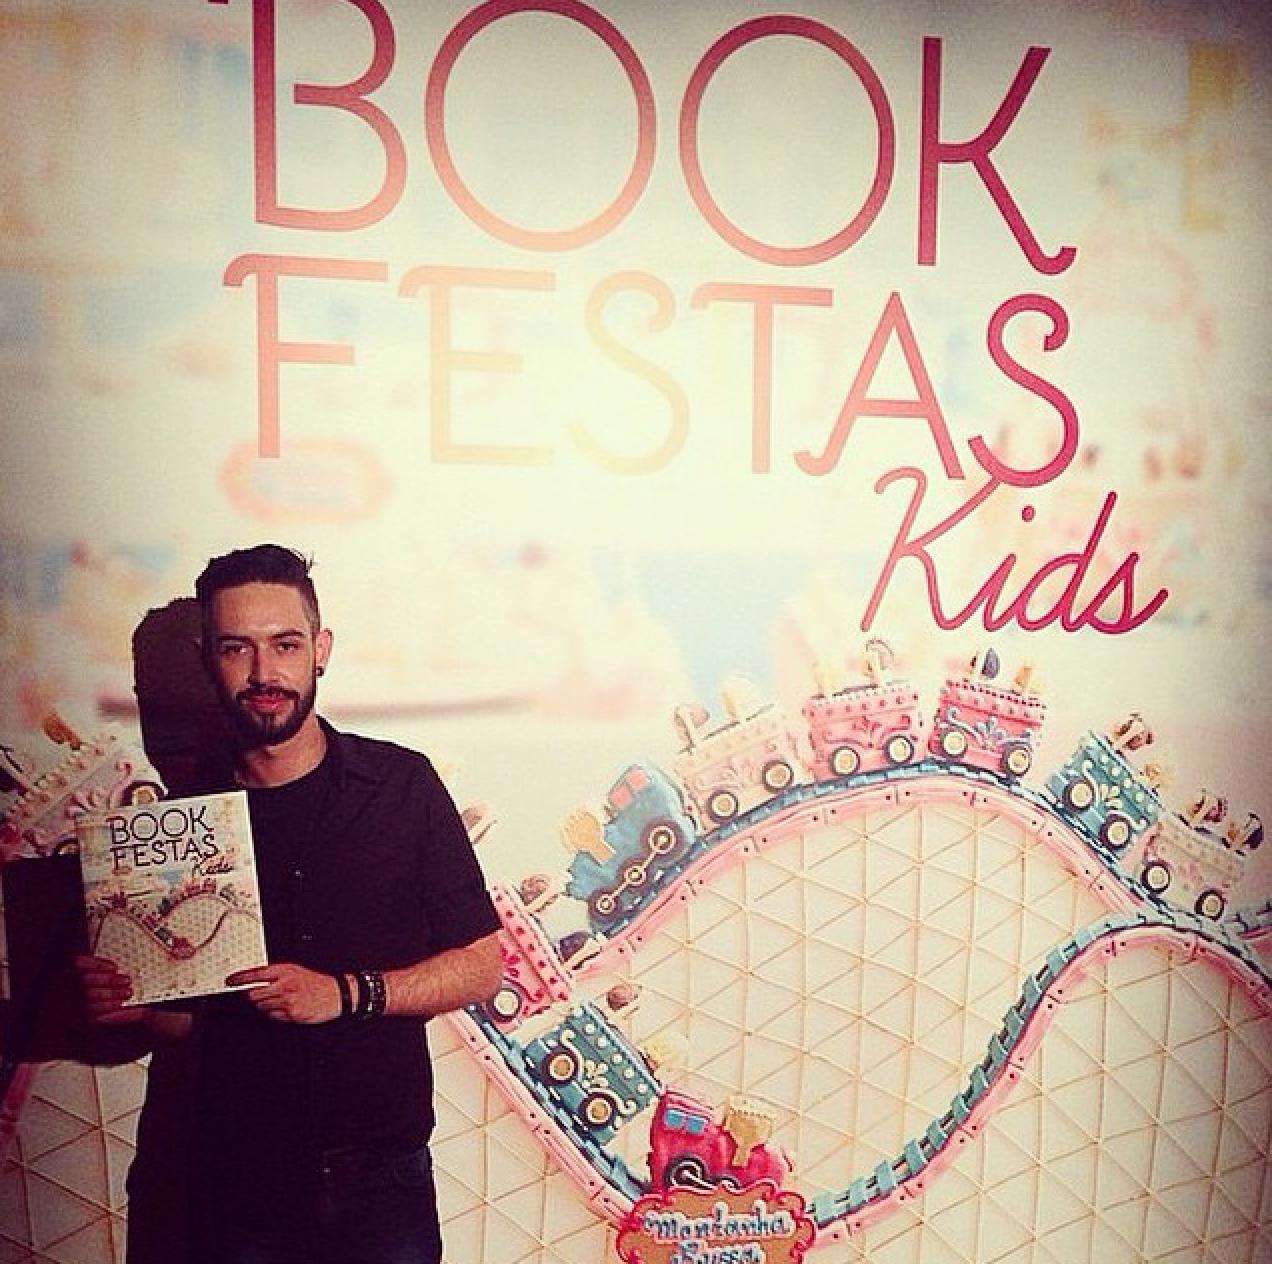 Book Festas Kids